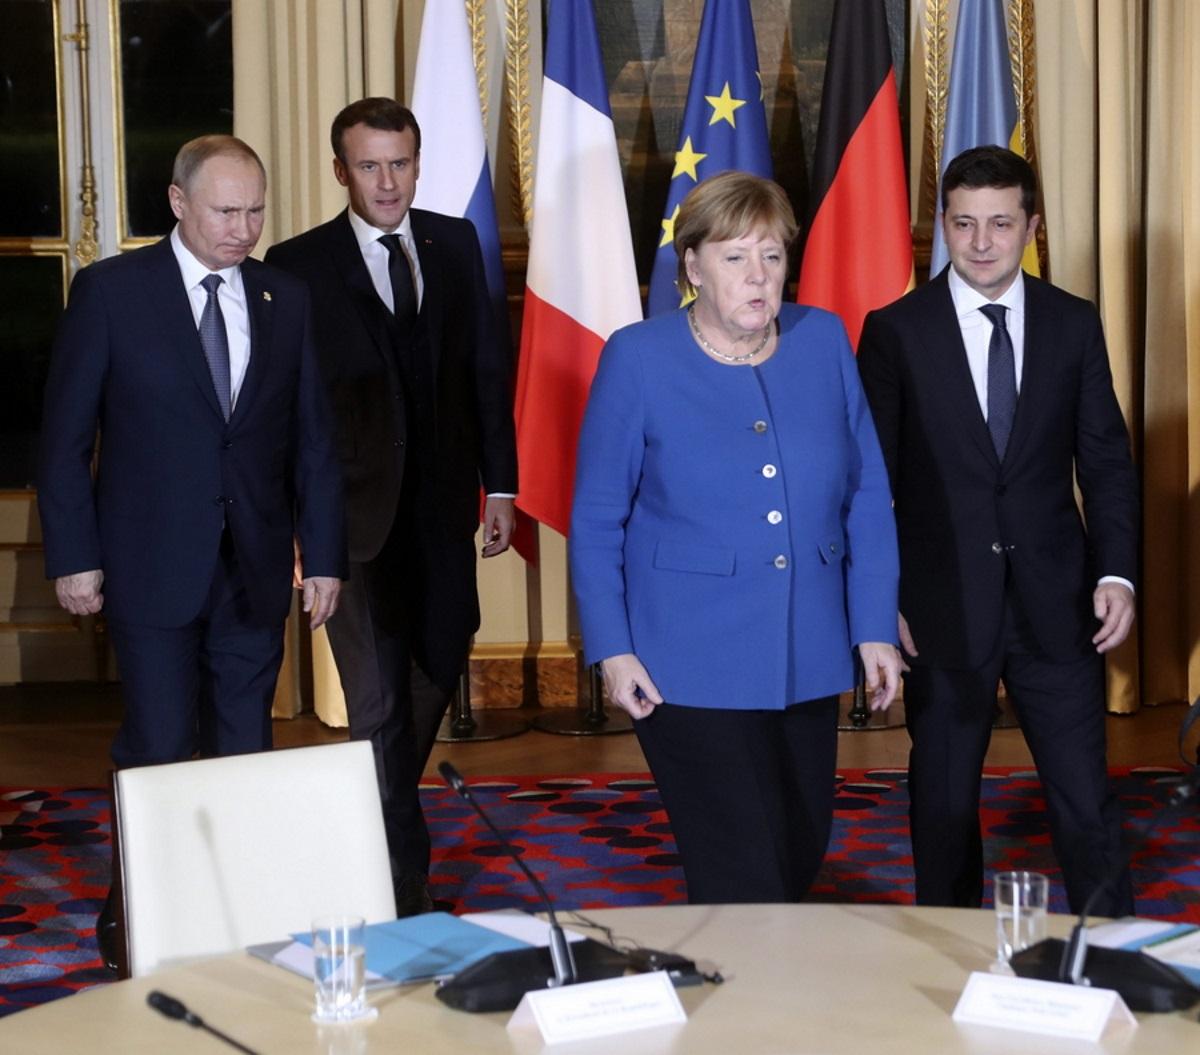 Ουκρανία: Ένας πόλεμος με την Ρωσία είναι ένα «κακό» αλλά «πιθανό» σενάριο